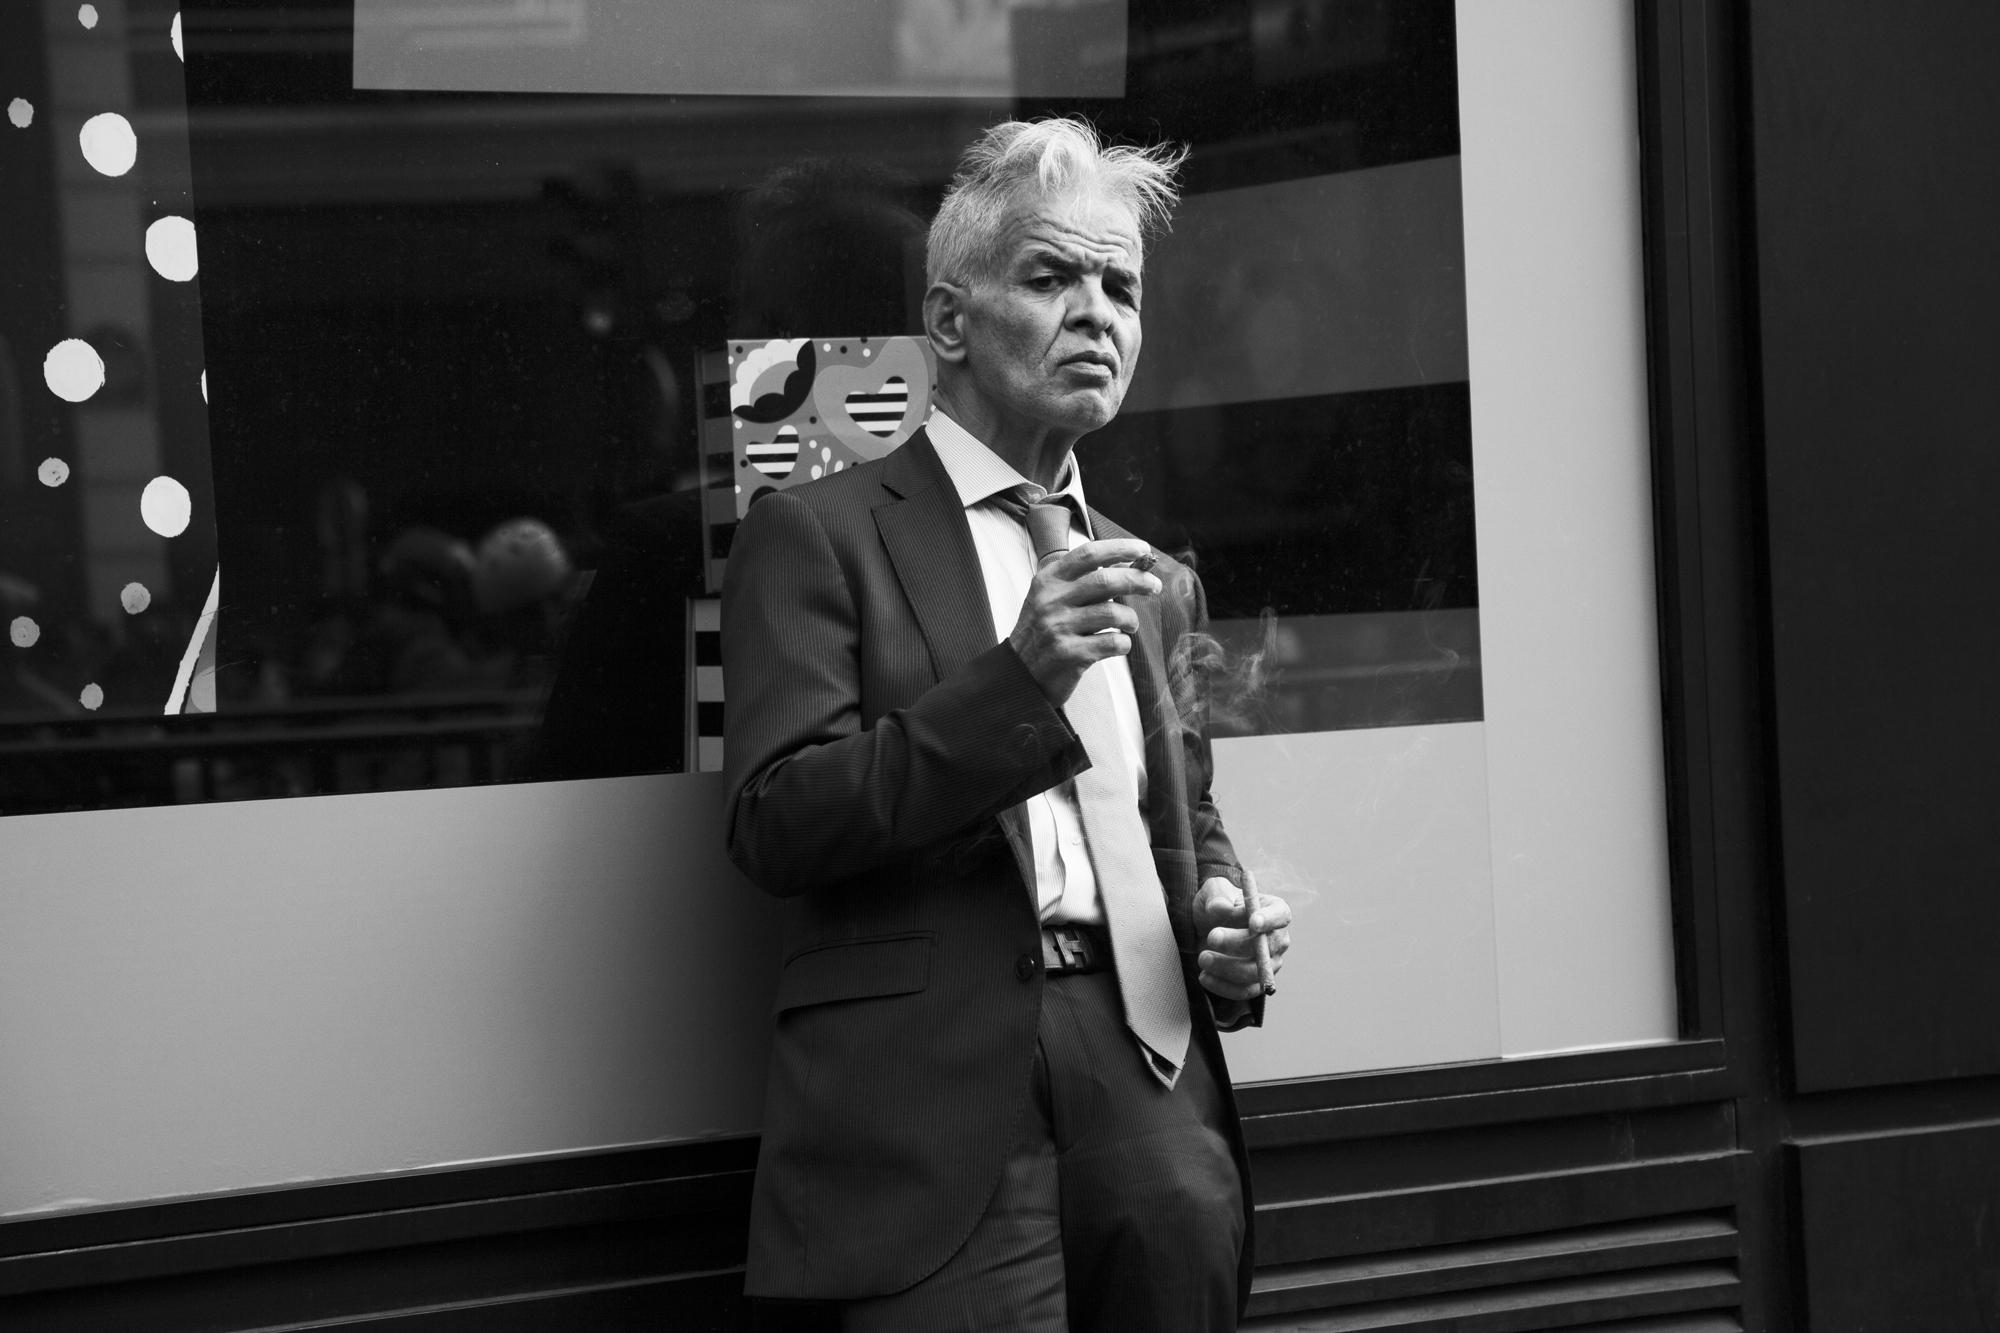 """""""Gentleman"""" - Boulevard Haussman, Paris (2017). © Clémence Rougetet"""